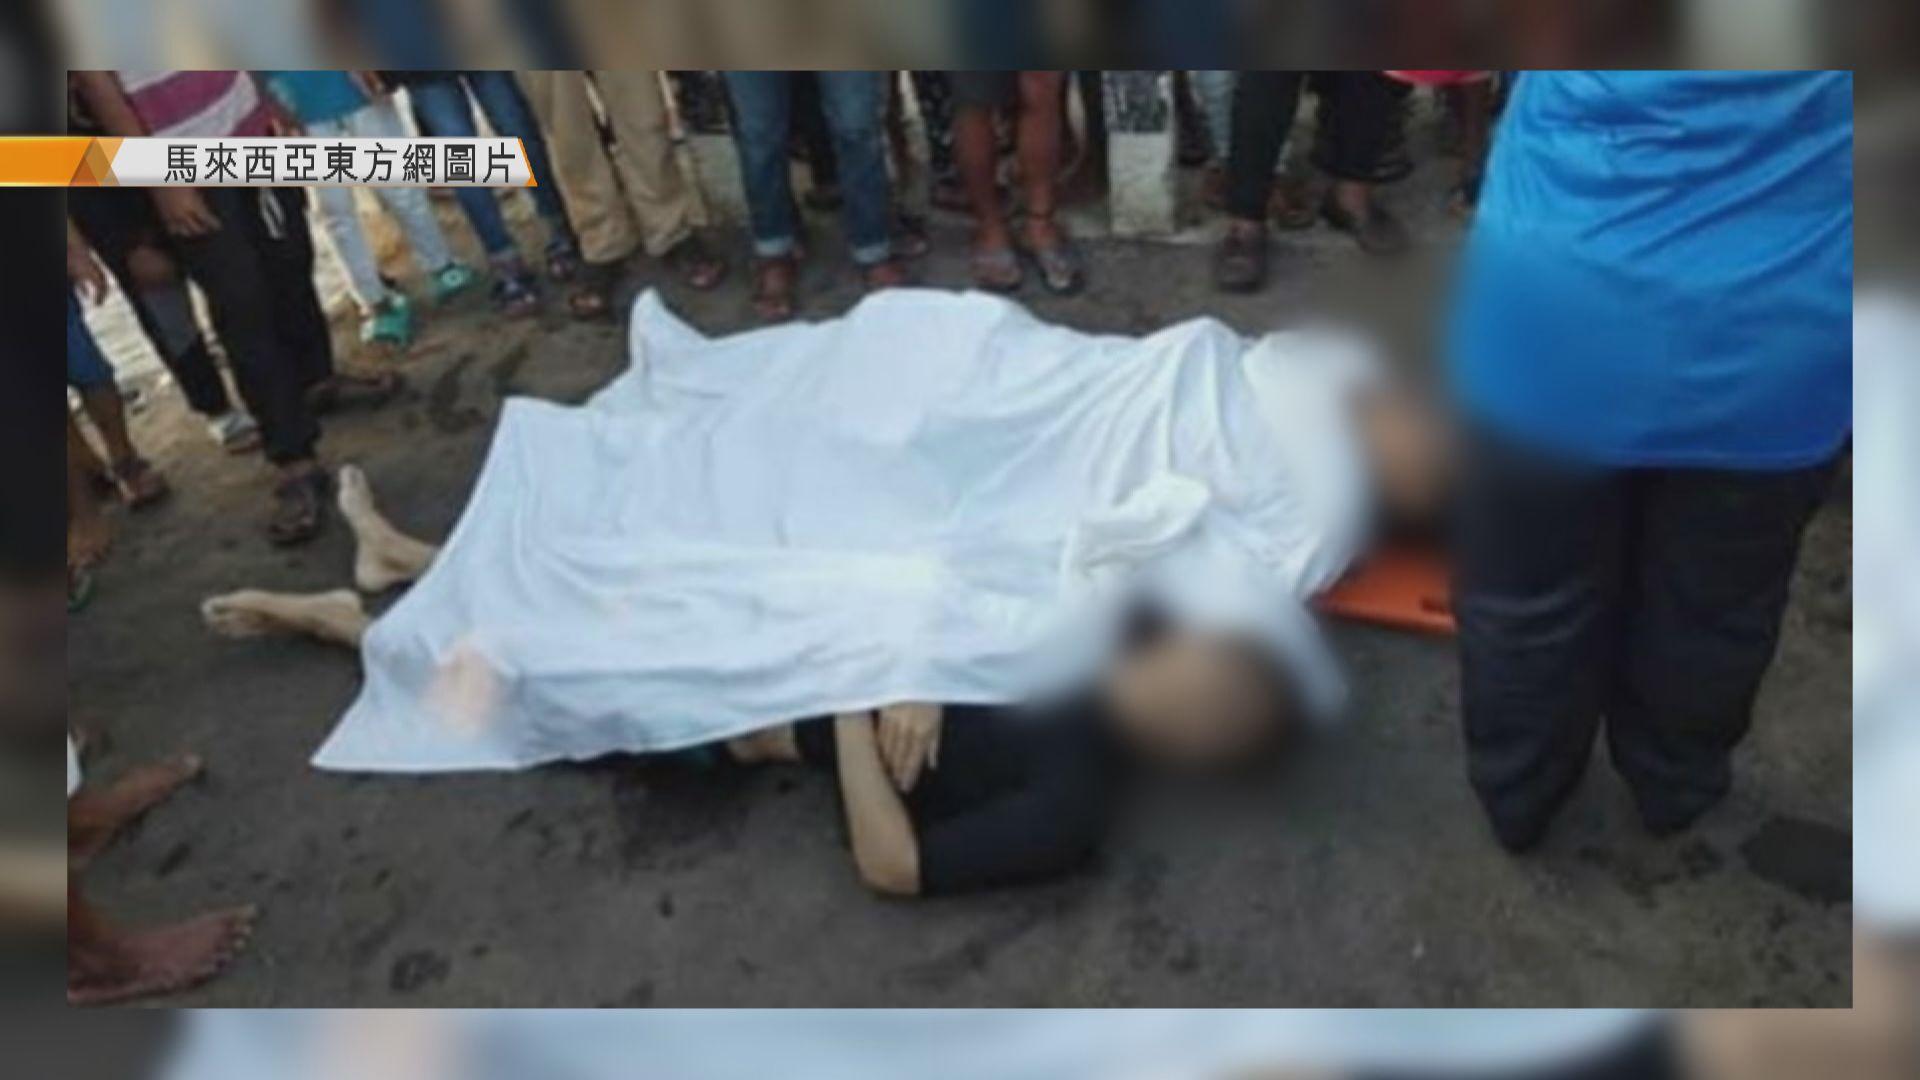 兩名中國遊客在馬來西亞潛水時遇難